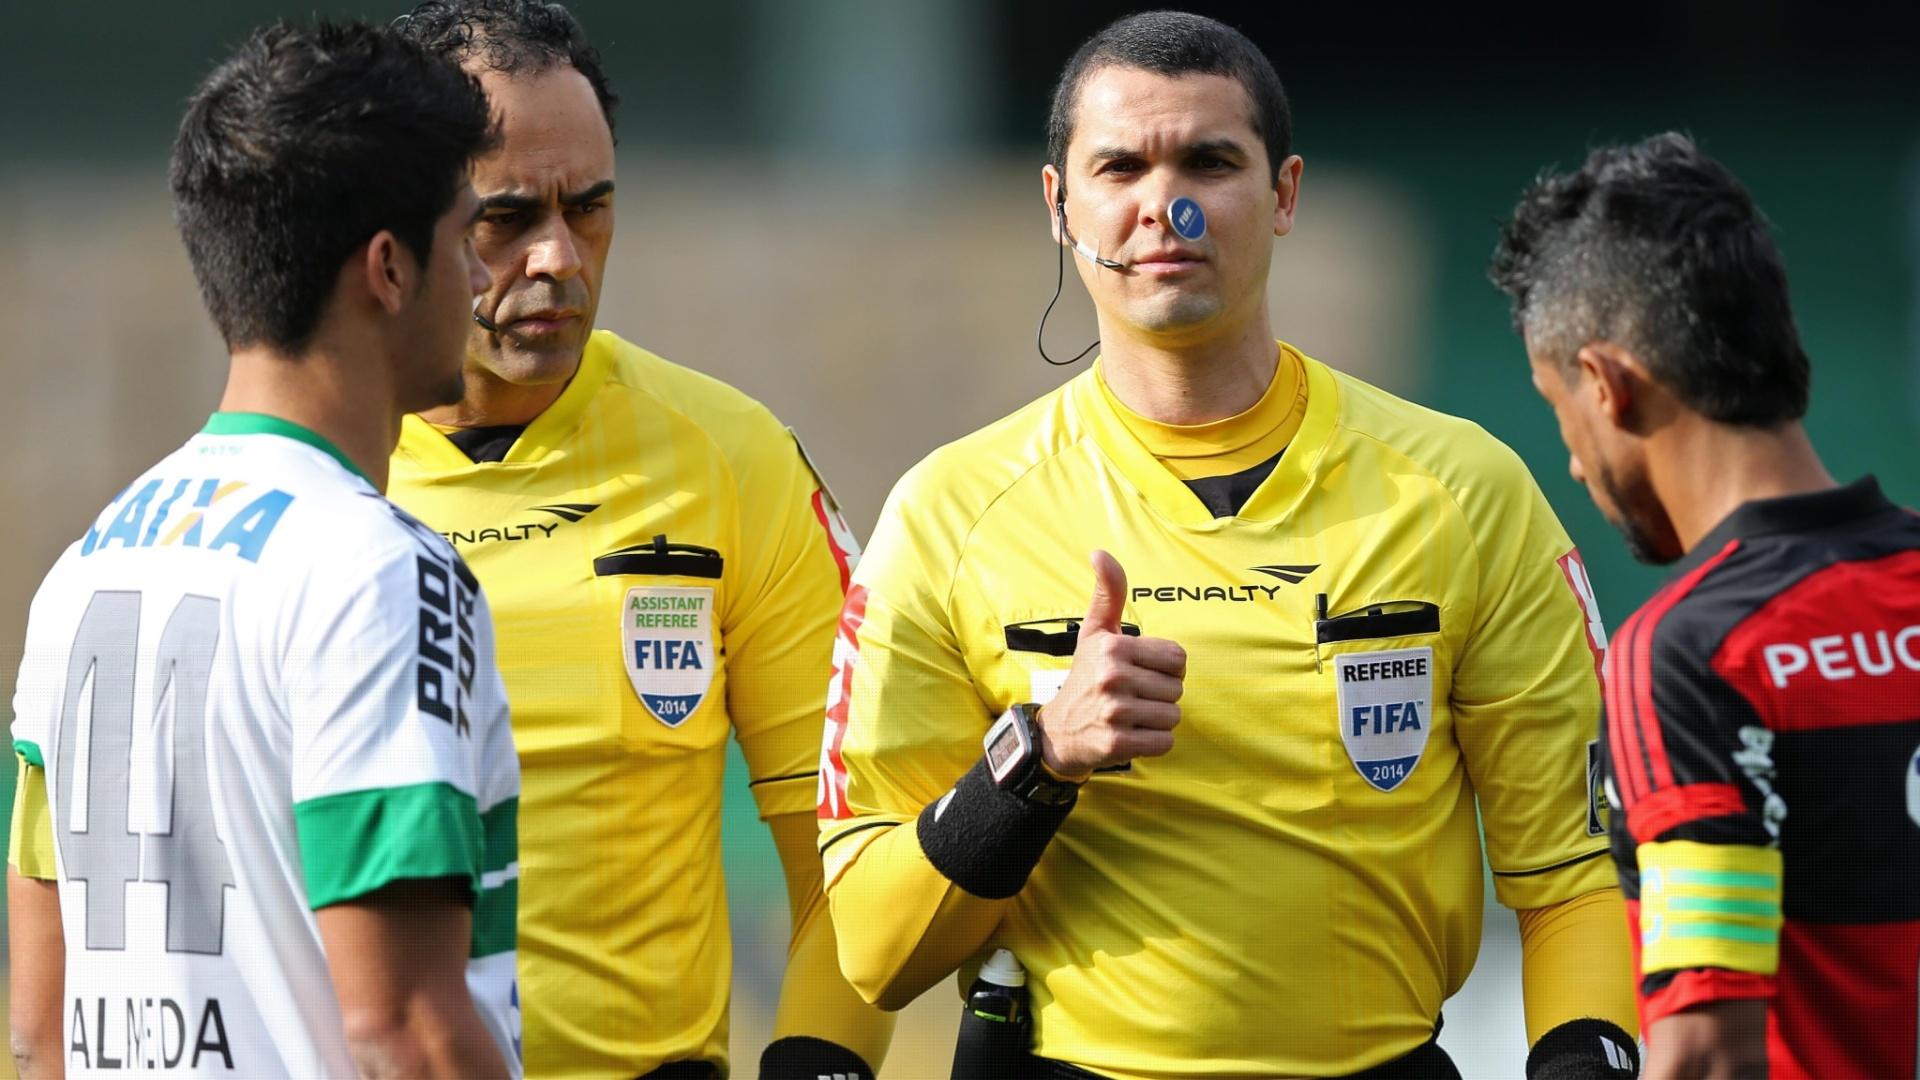 Capitães de Coritiba e Flamengo decidem o lado de campo antes do início do jogo no Couto Pereira